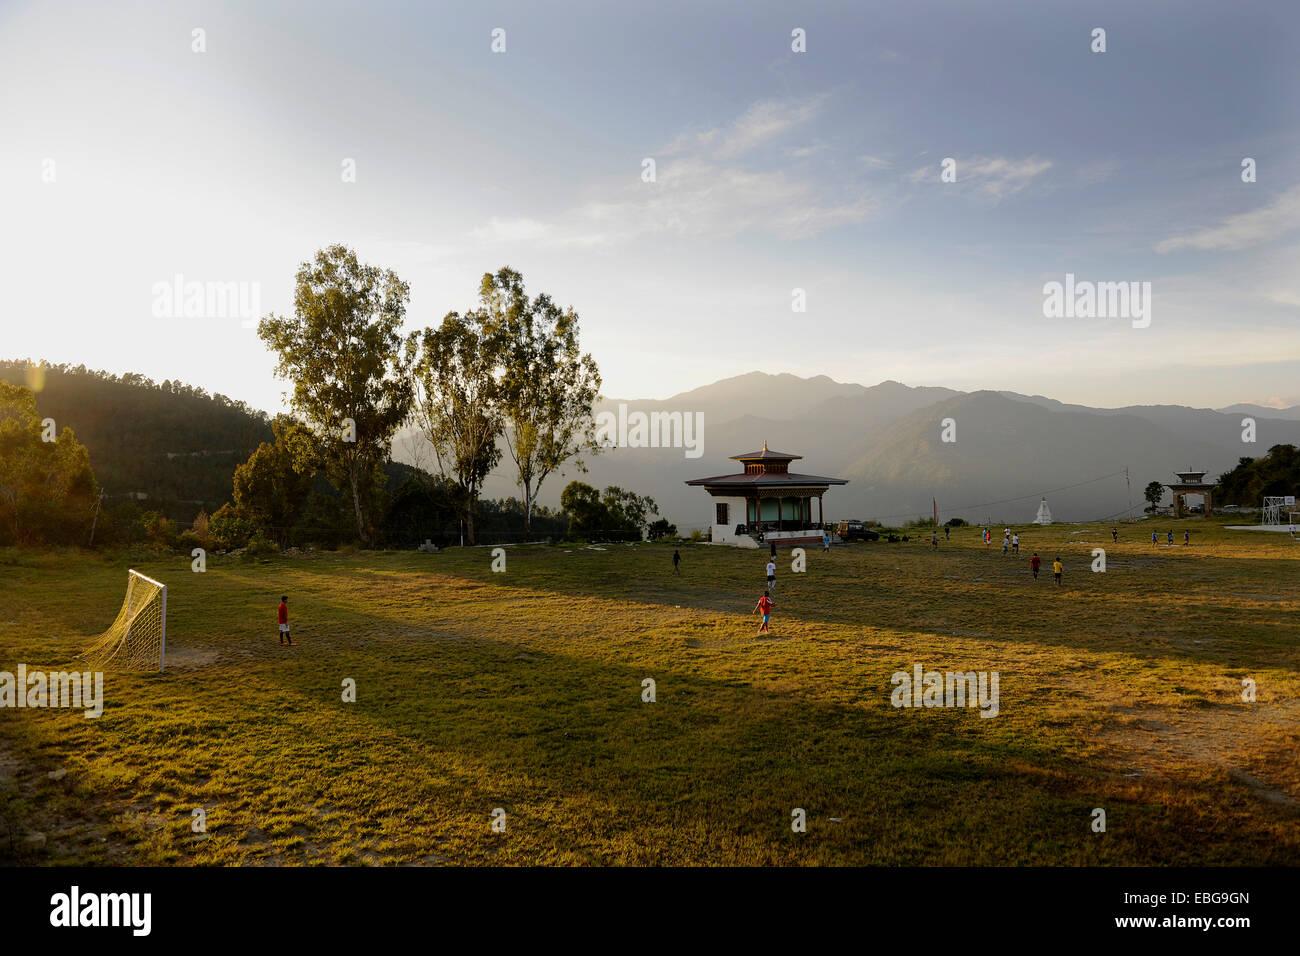 Football field of Mongar, Mongar, Mongar District, Bhutan Stock Photo